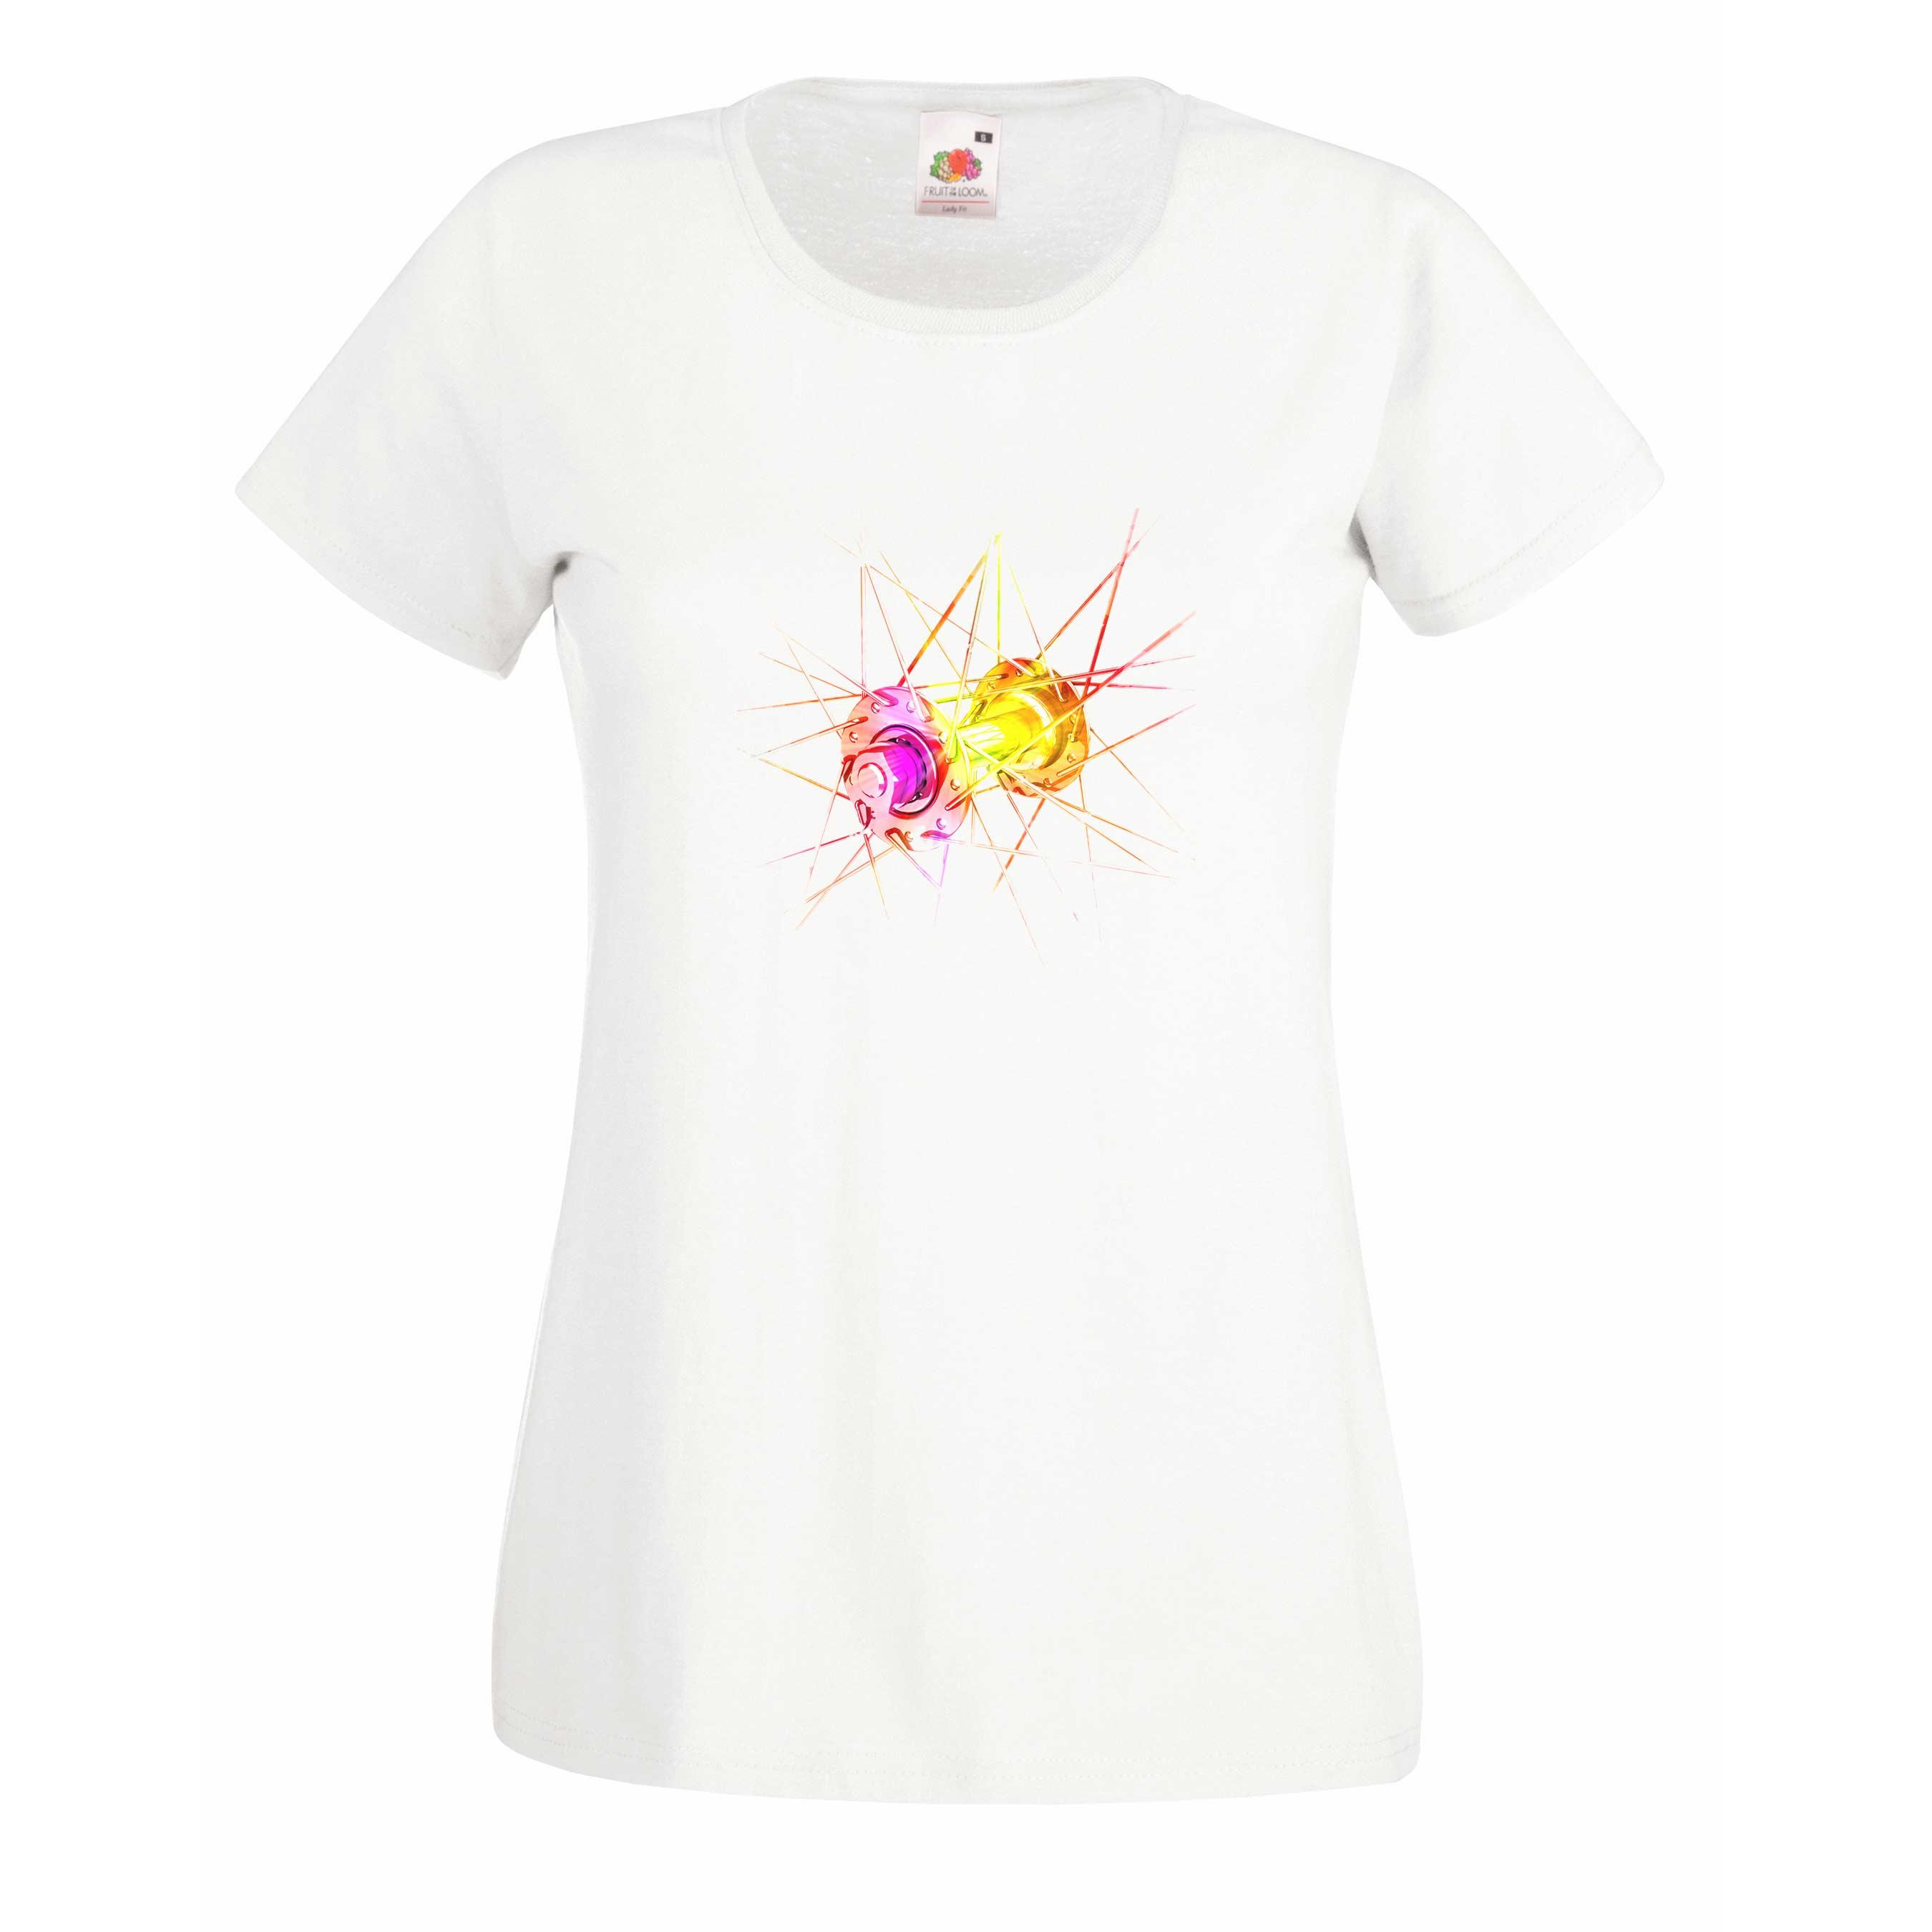 Colour hub design for t-shirt, hoodie & sweatshirt